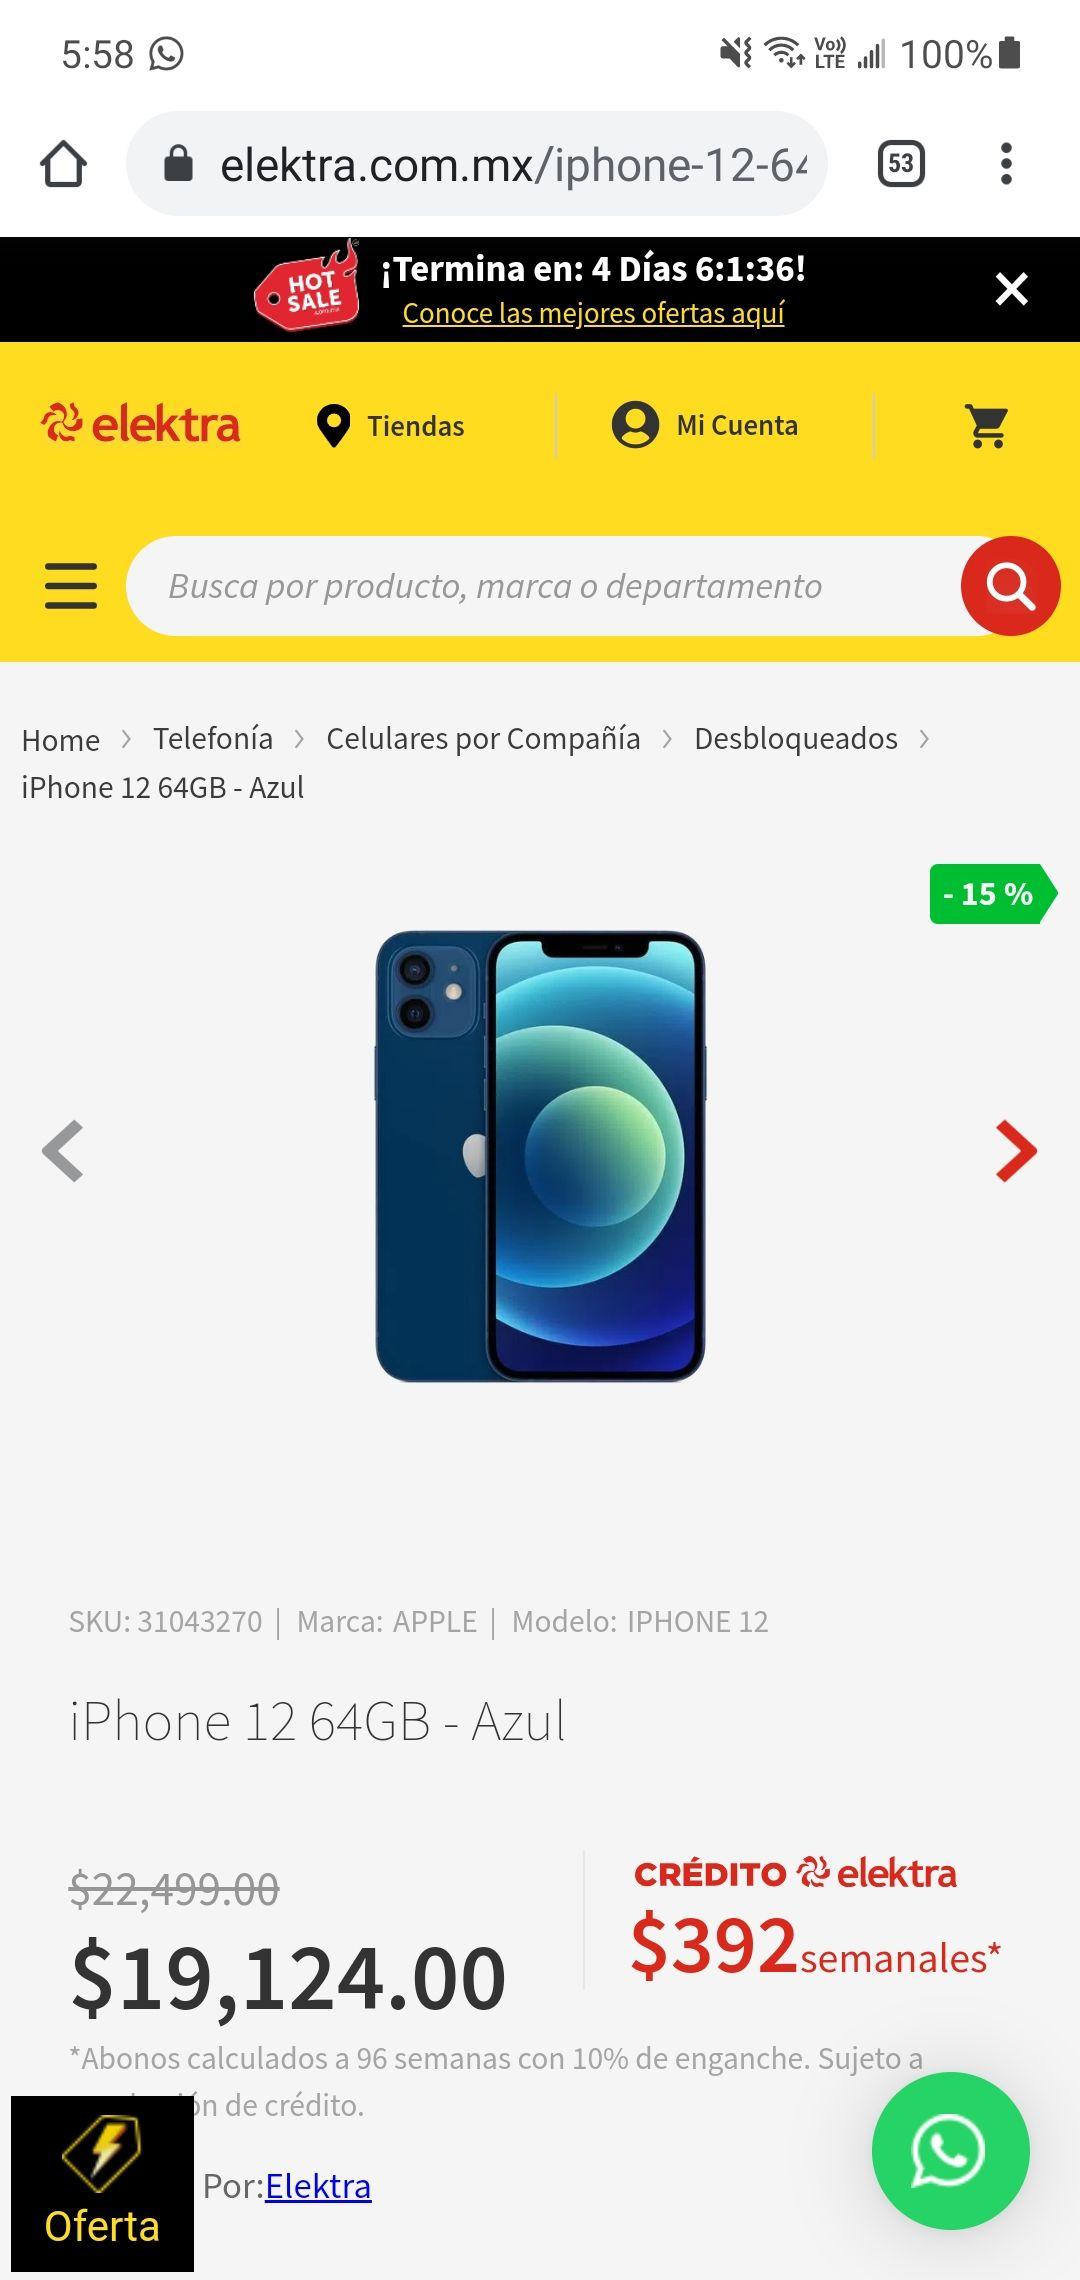 Elektra: iPhone 12 64GB Azul - pa qué andes a la moda TDC digital BBVA